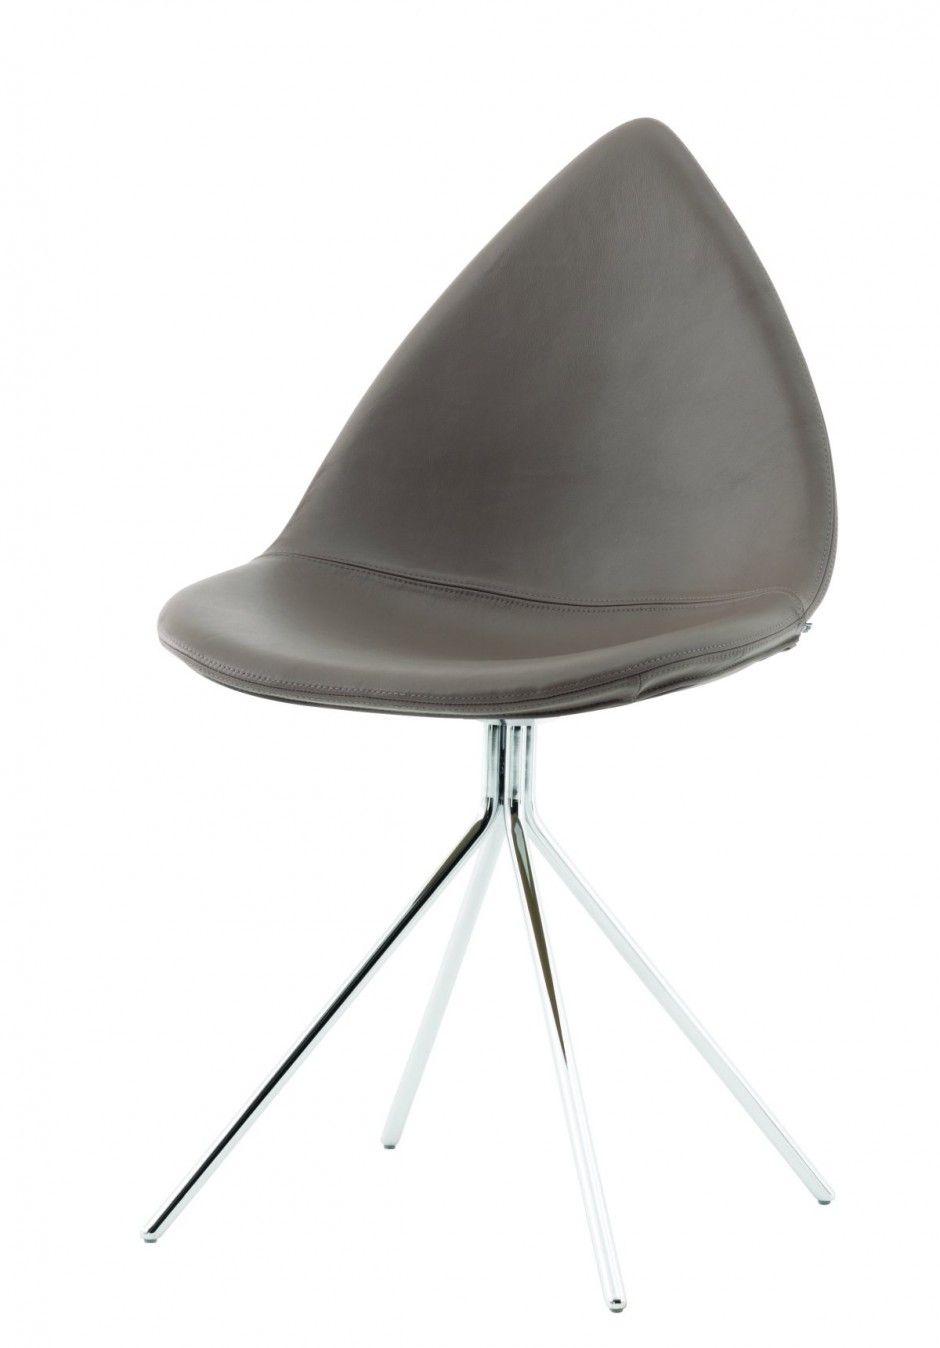 Karim Rashid Furniture Karim Rashid Chair Canadian Design Pinterest Chairs The O